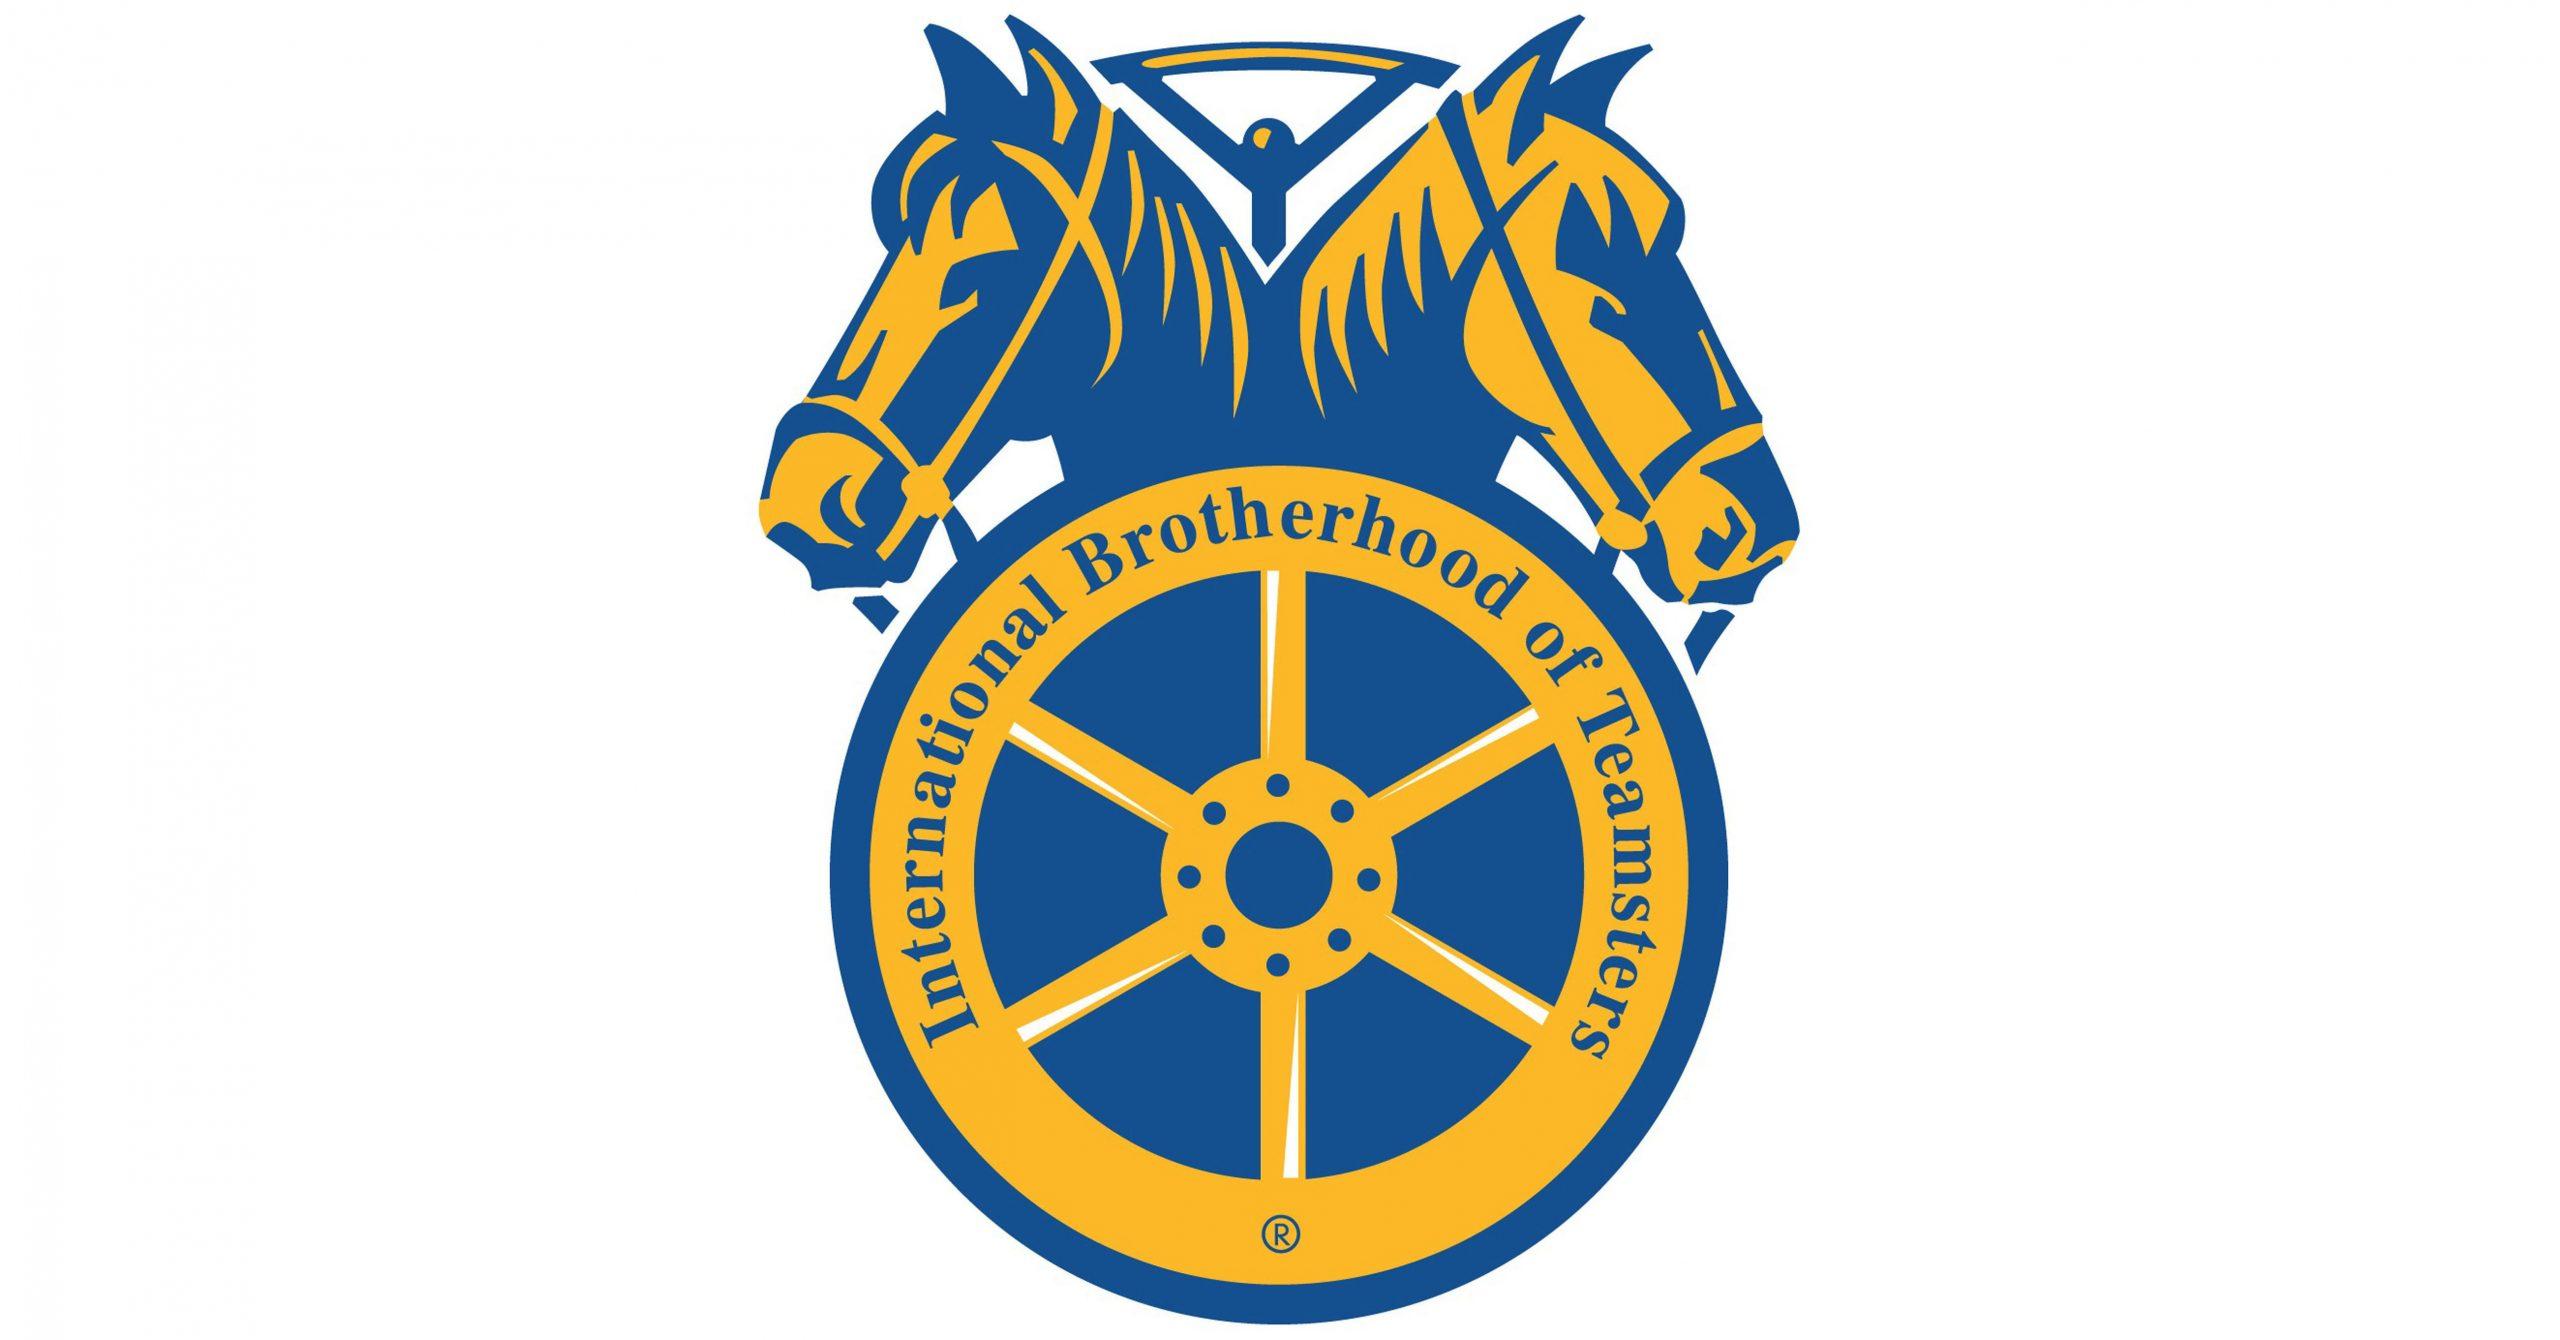 international_brotherhood_of_teamsters_logo.jpg